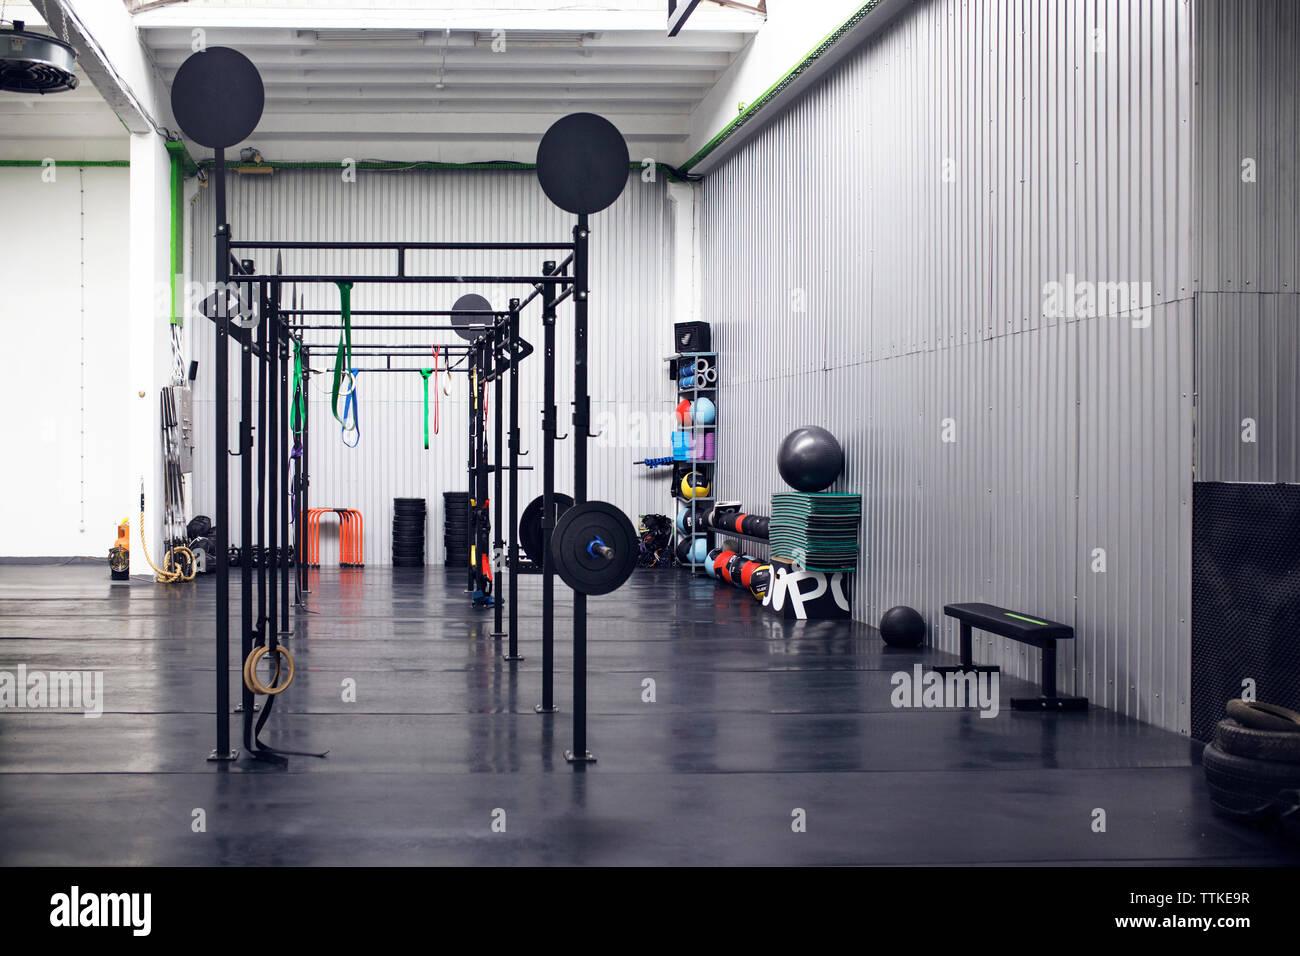 Intérieur de l'entraînement en salle de sport Photo Stock